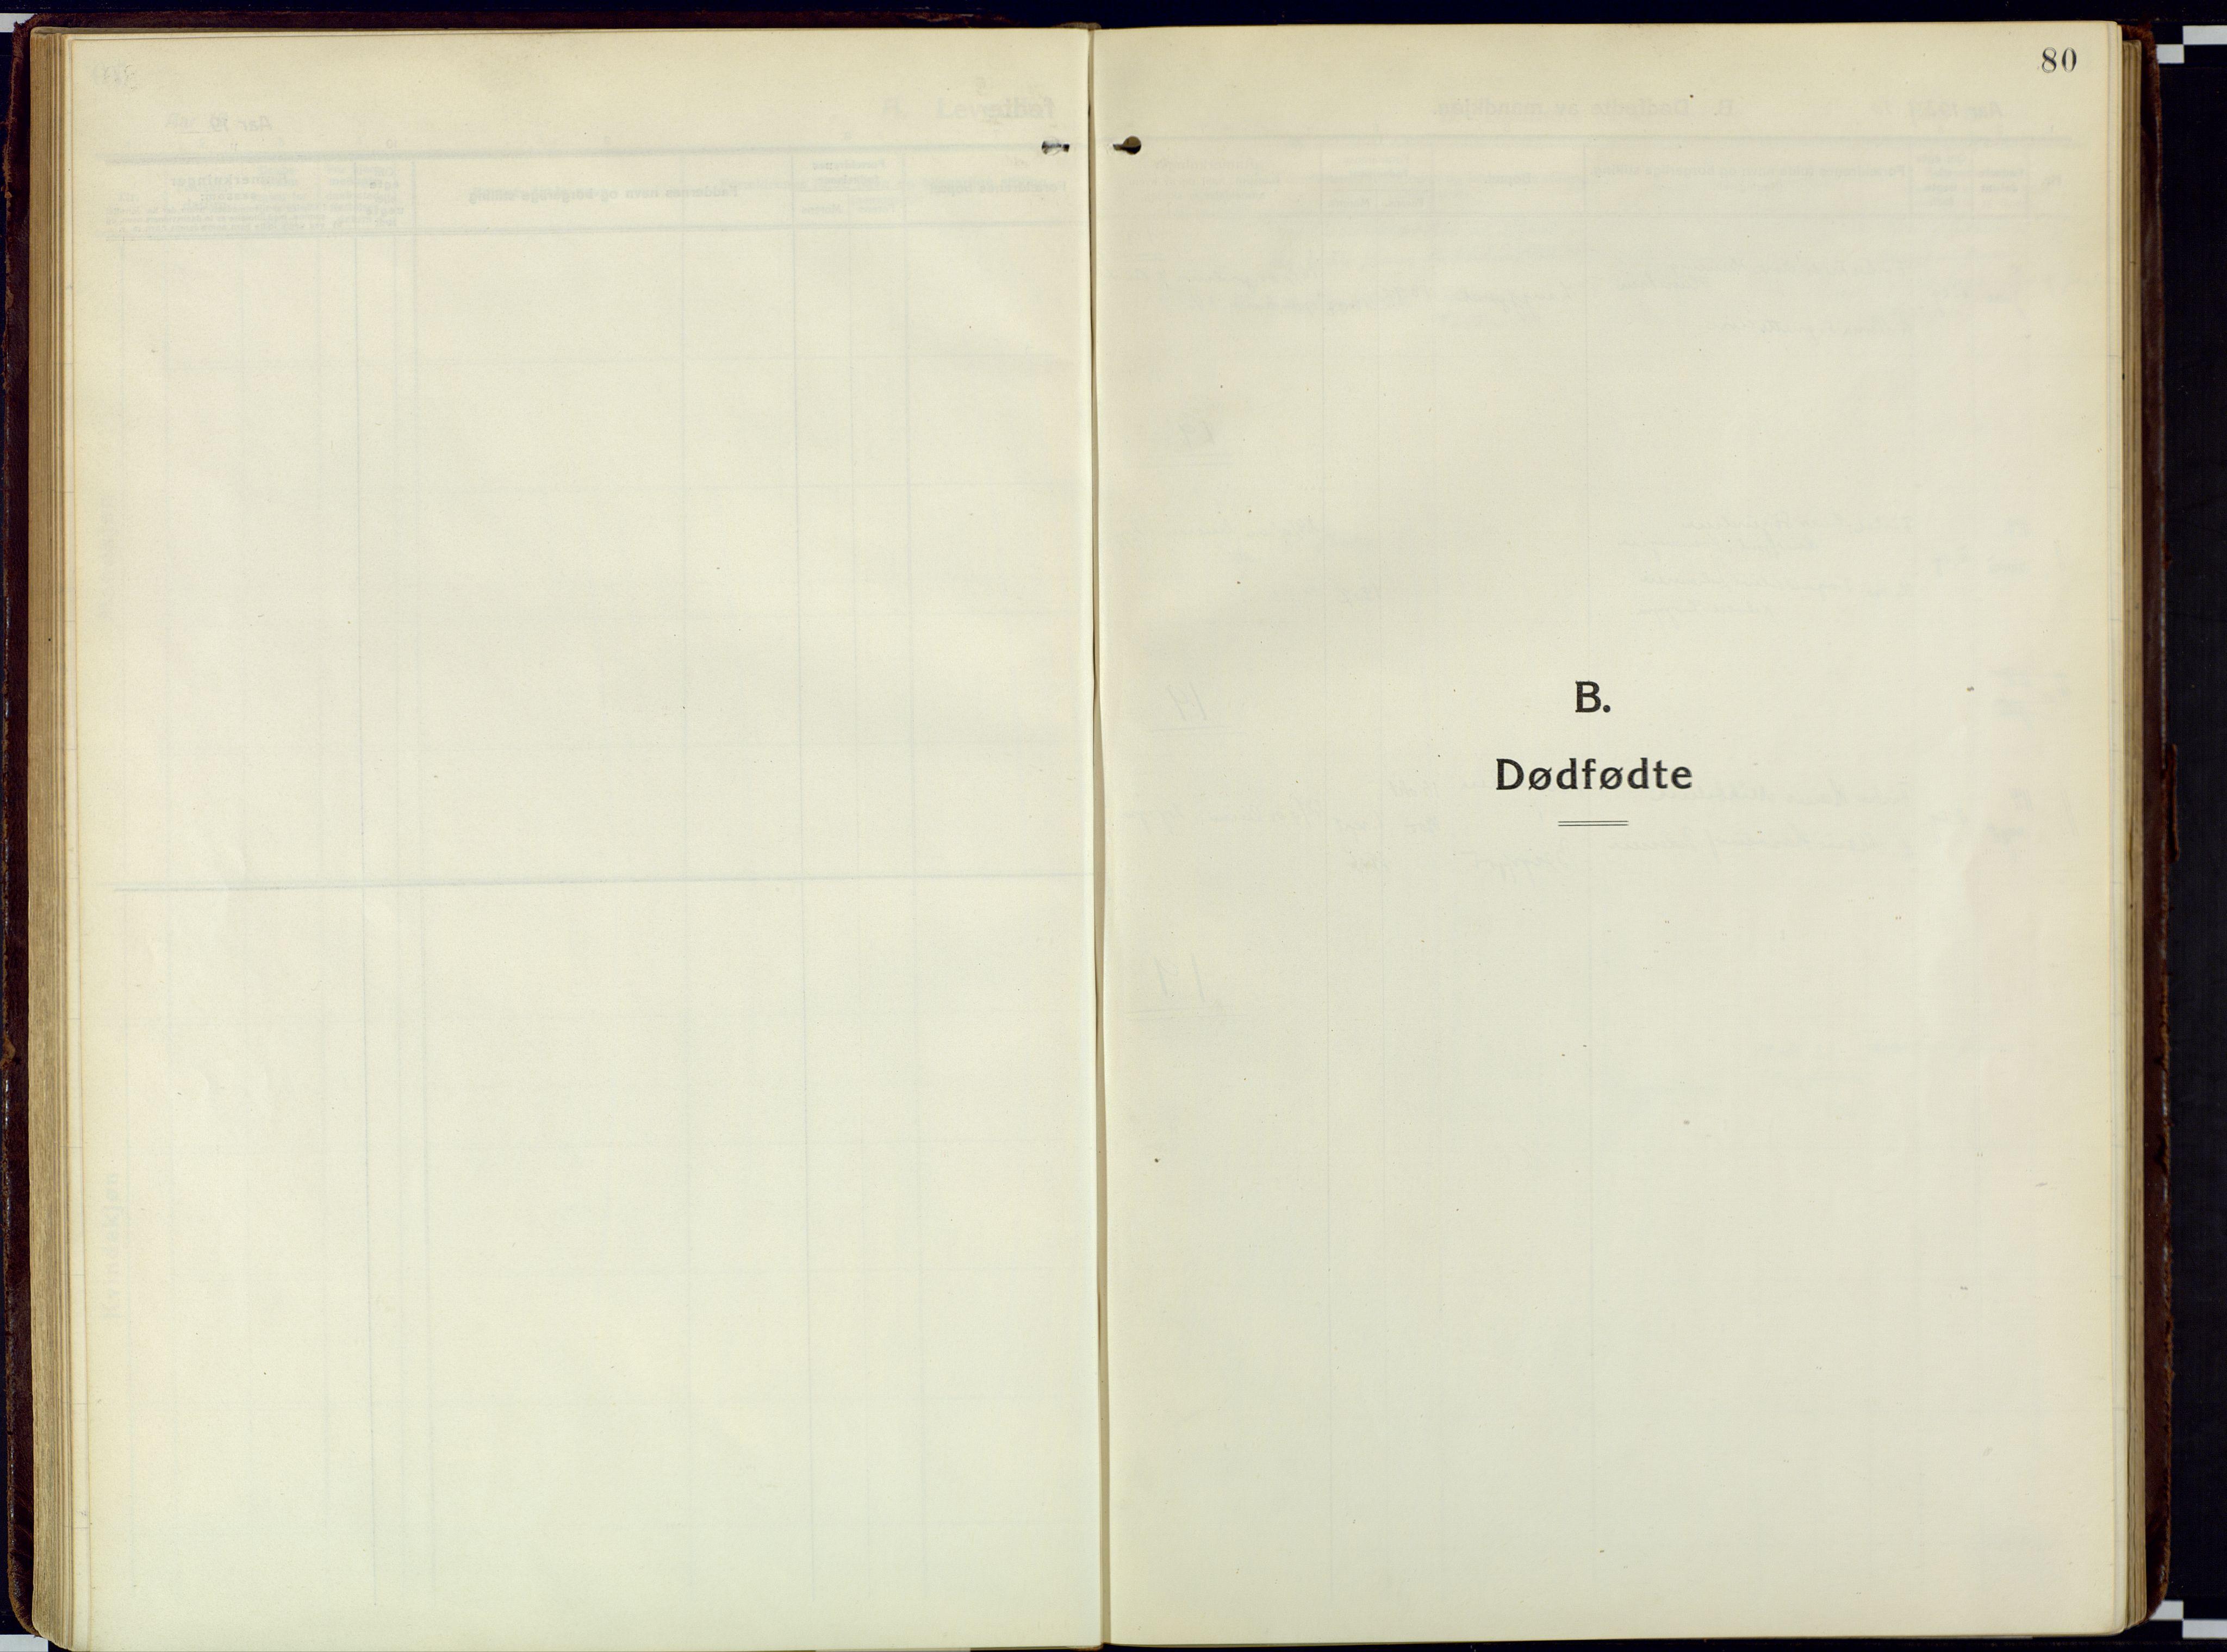 SATØ, Loppa sokneprestkontor, H/Ha/L0013kirke: Ministerialbok nr. 13, 1920-1932, s. 80